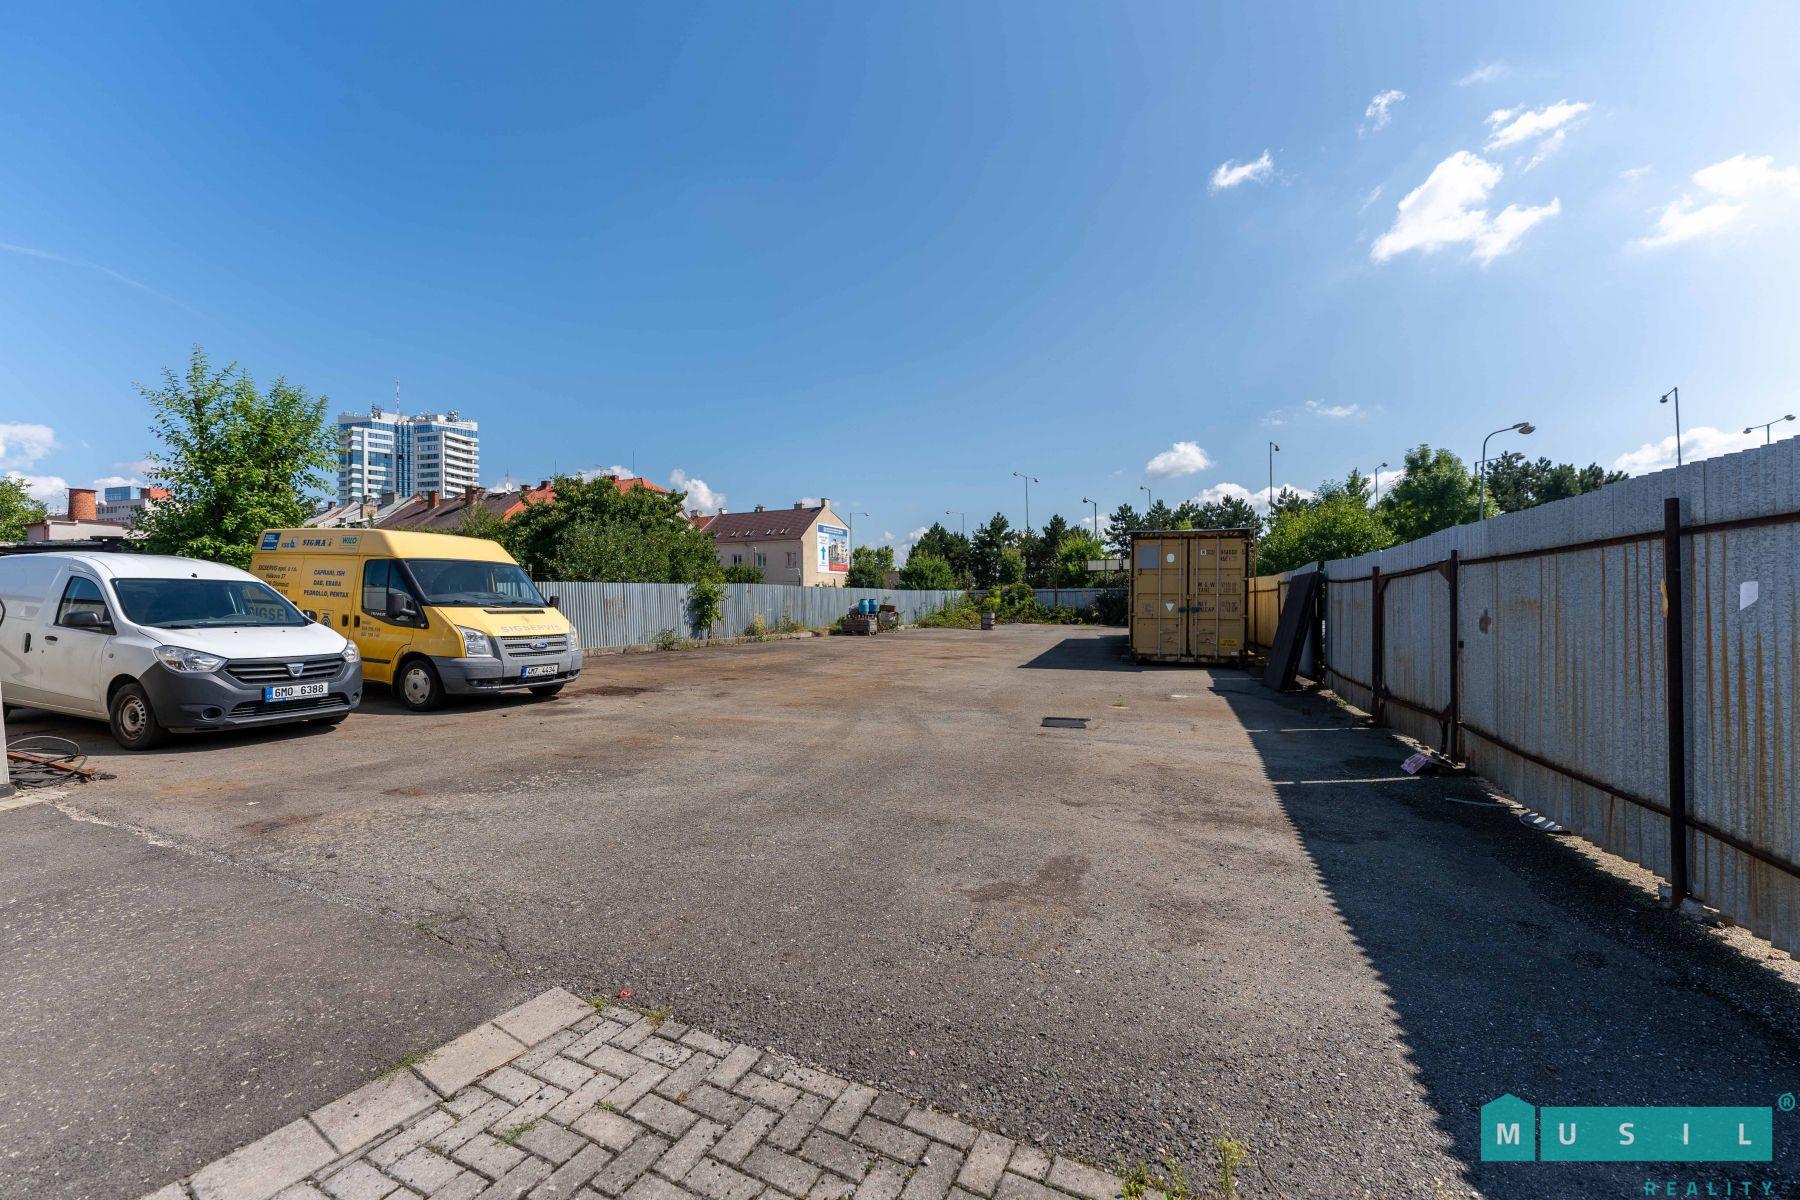 Pronájem venkovní skladovací plochy v areálu na ul. Hálkova v Olomouci